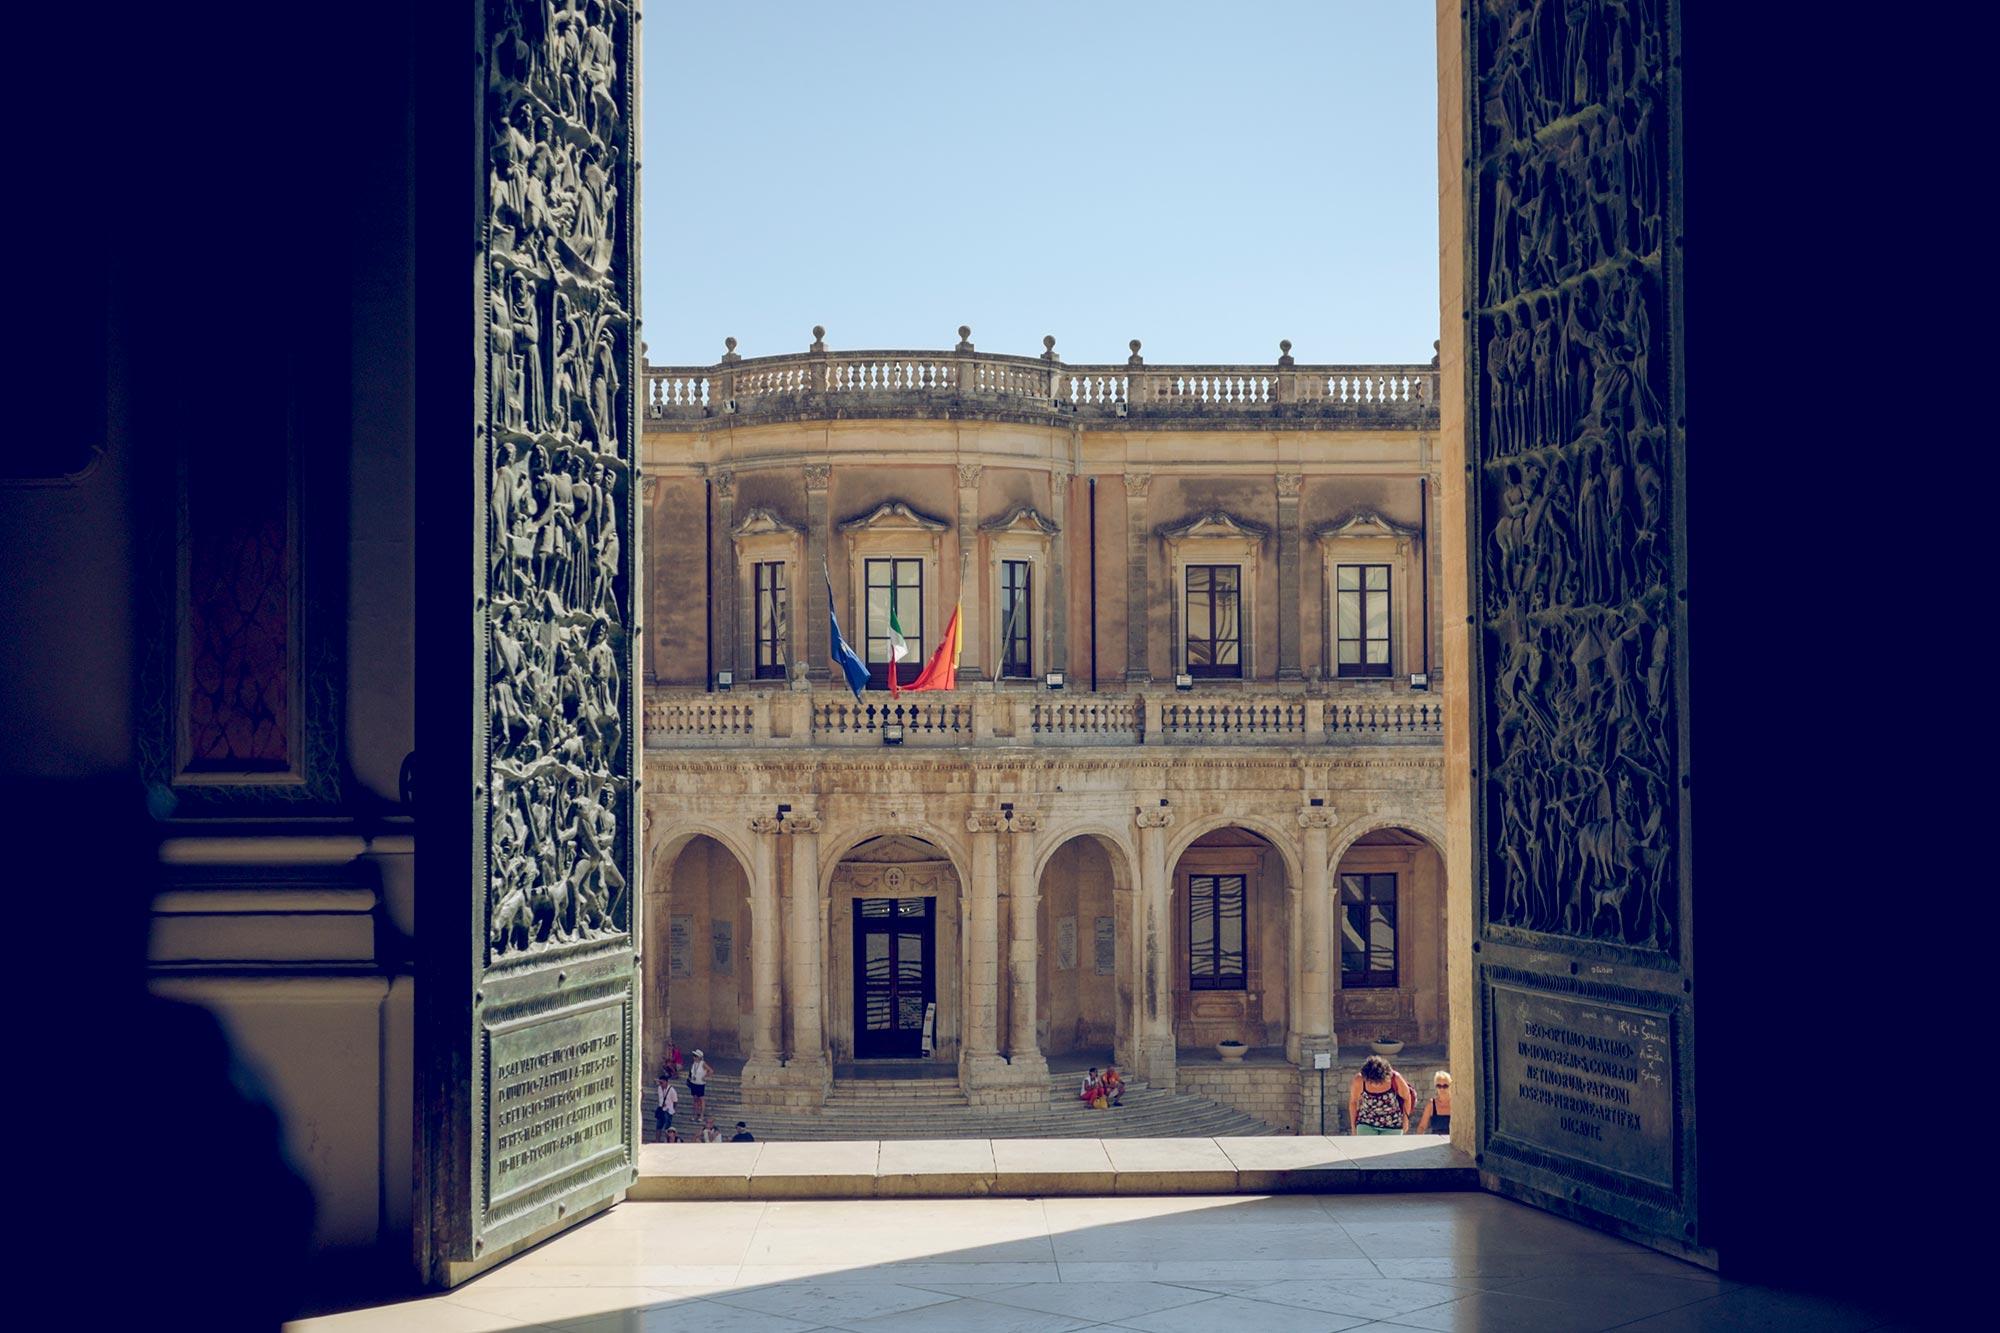 italy-sicilia-noto-palazzo-ducezio